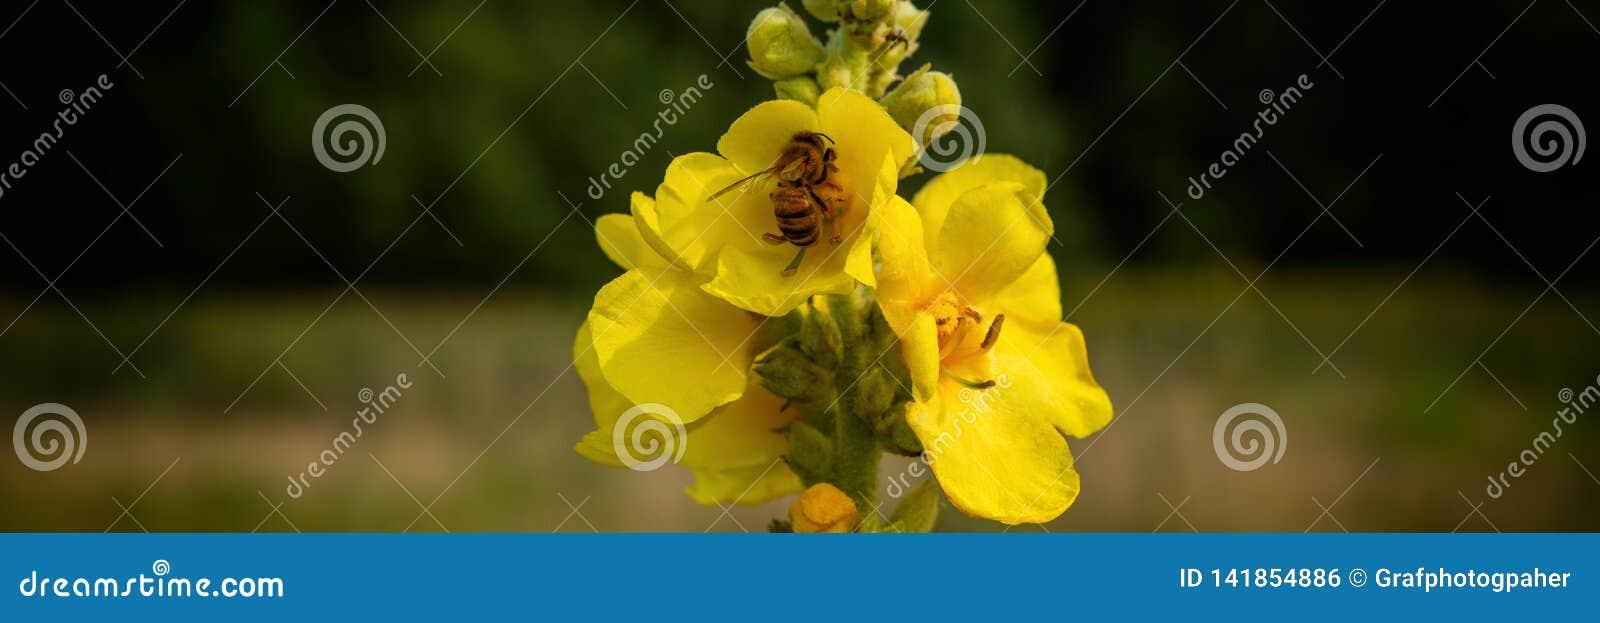 Pszczoła zbiera nektar od dziewanna kwiatów w łące